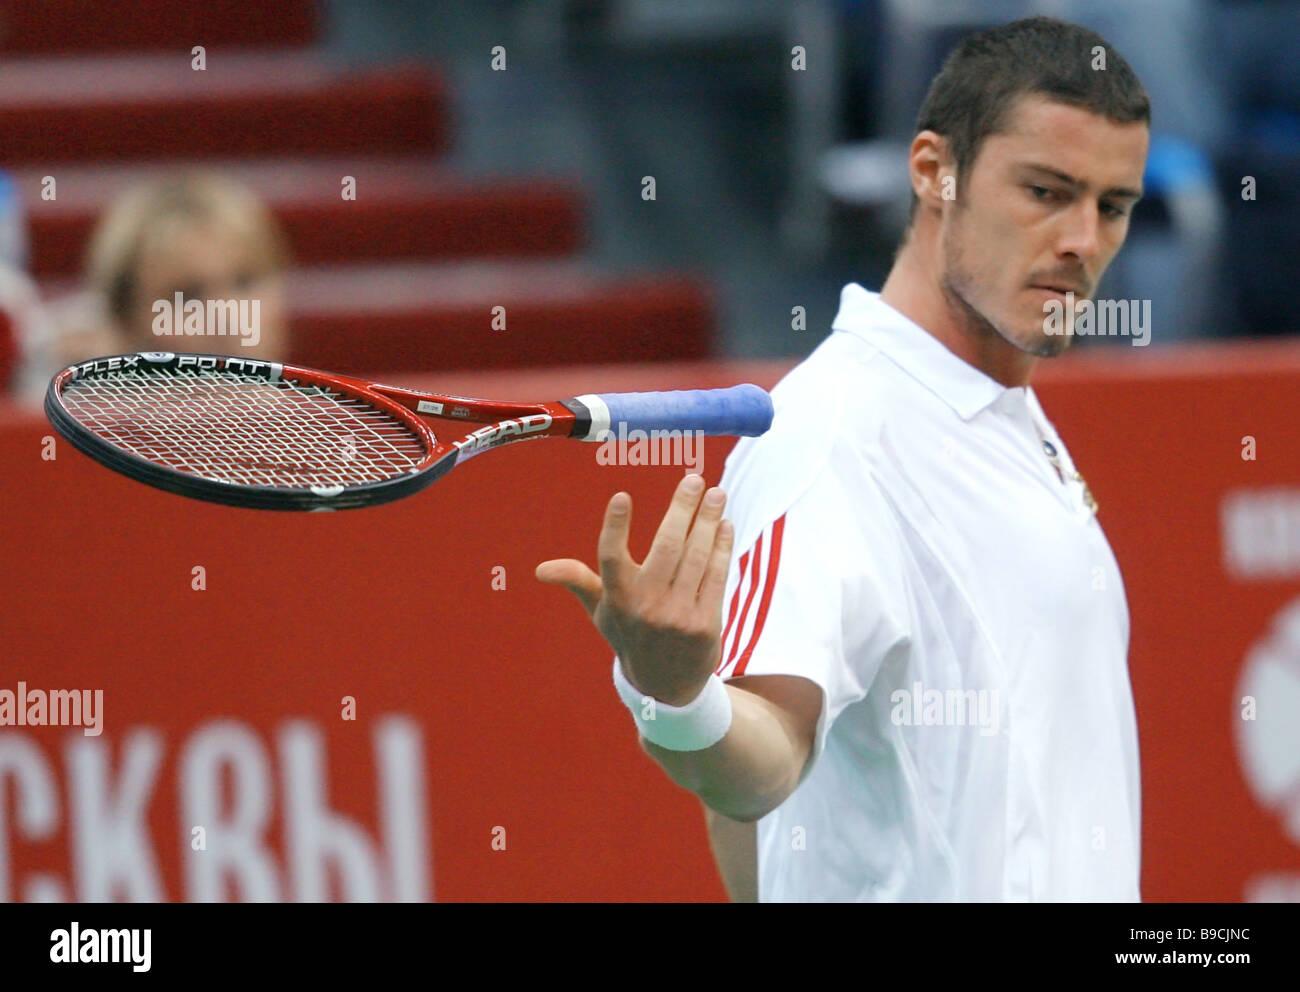 El tenista ruso Marat Safin durante el partido de la final del 17º torneo internacional de tenis Kremlin cup Foto de stock